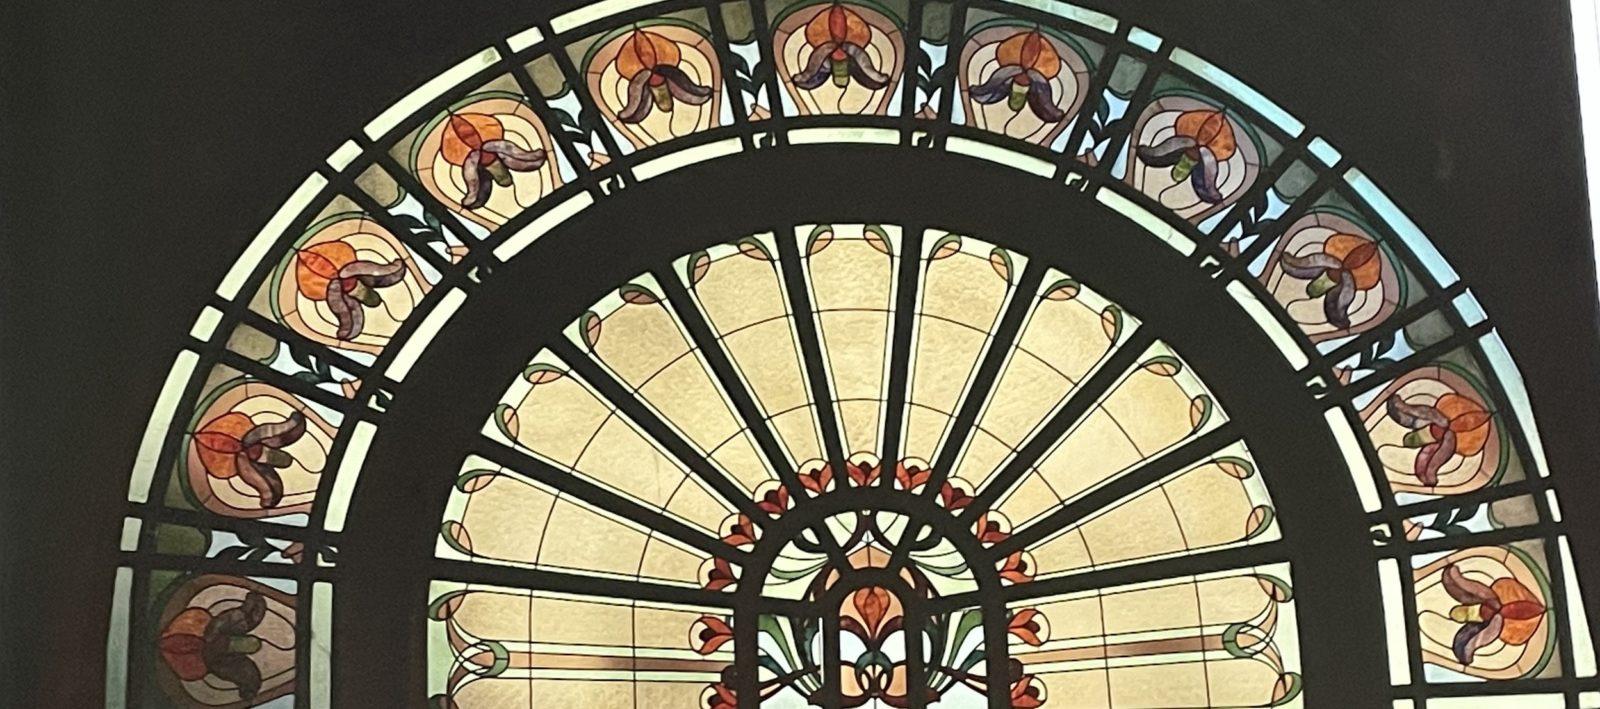 Buvette Cachat, vitraux semi-circulaires à motifs végétaux